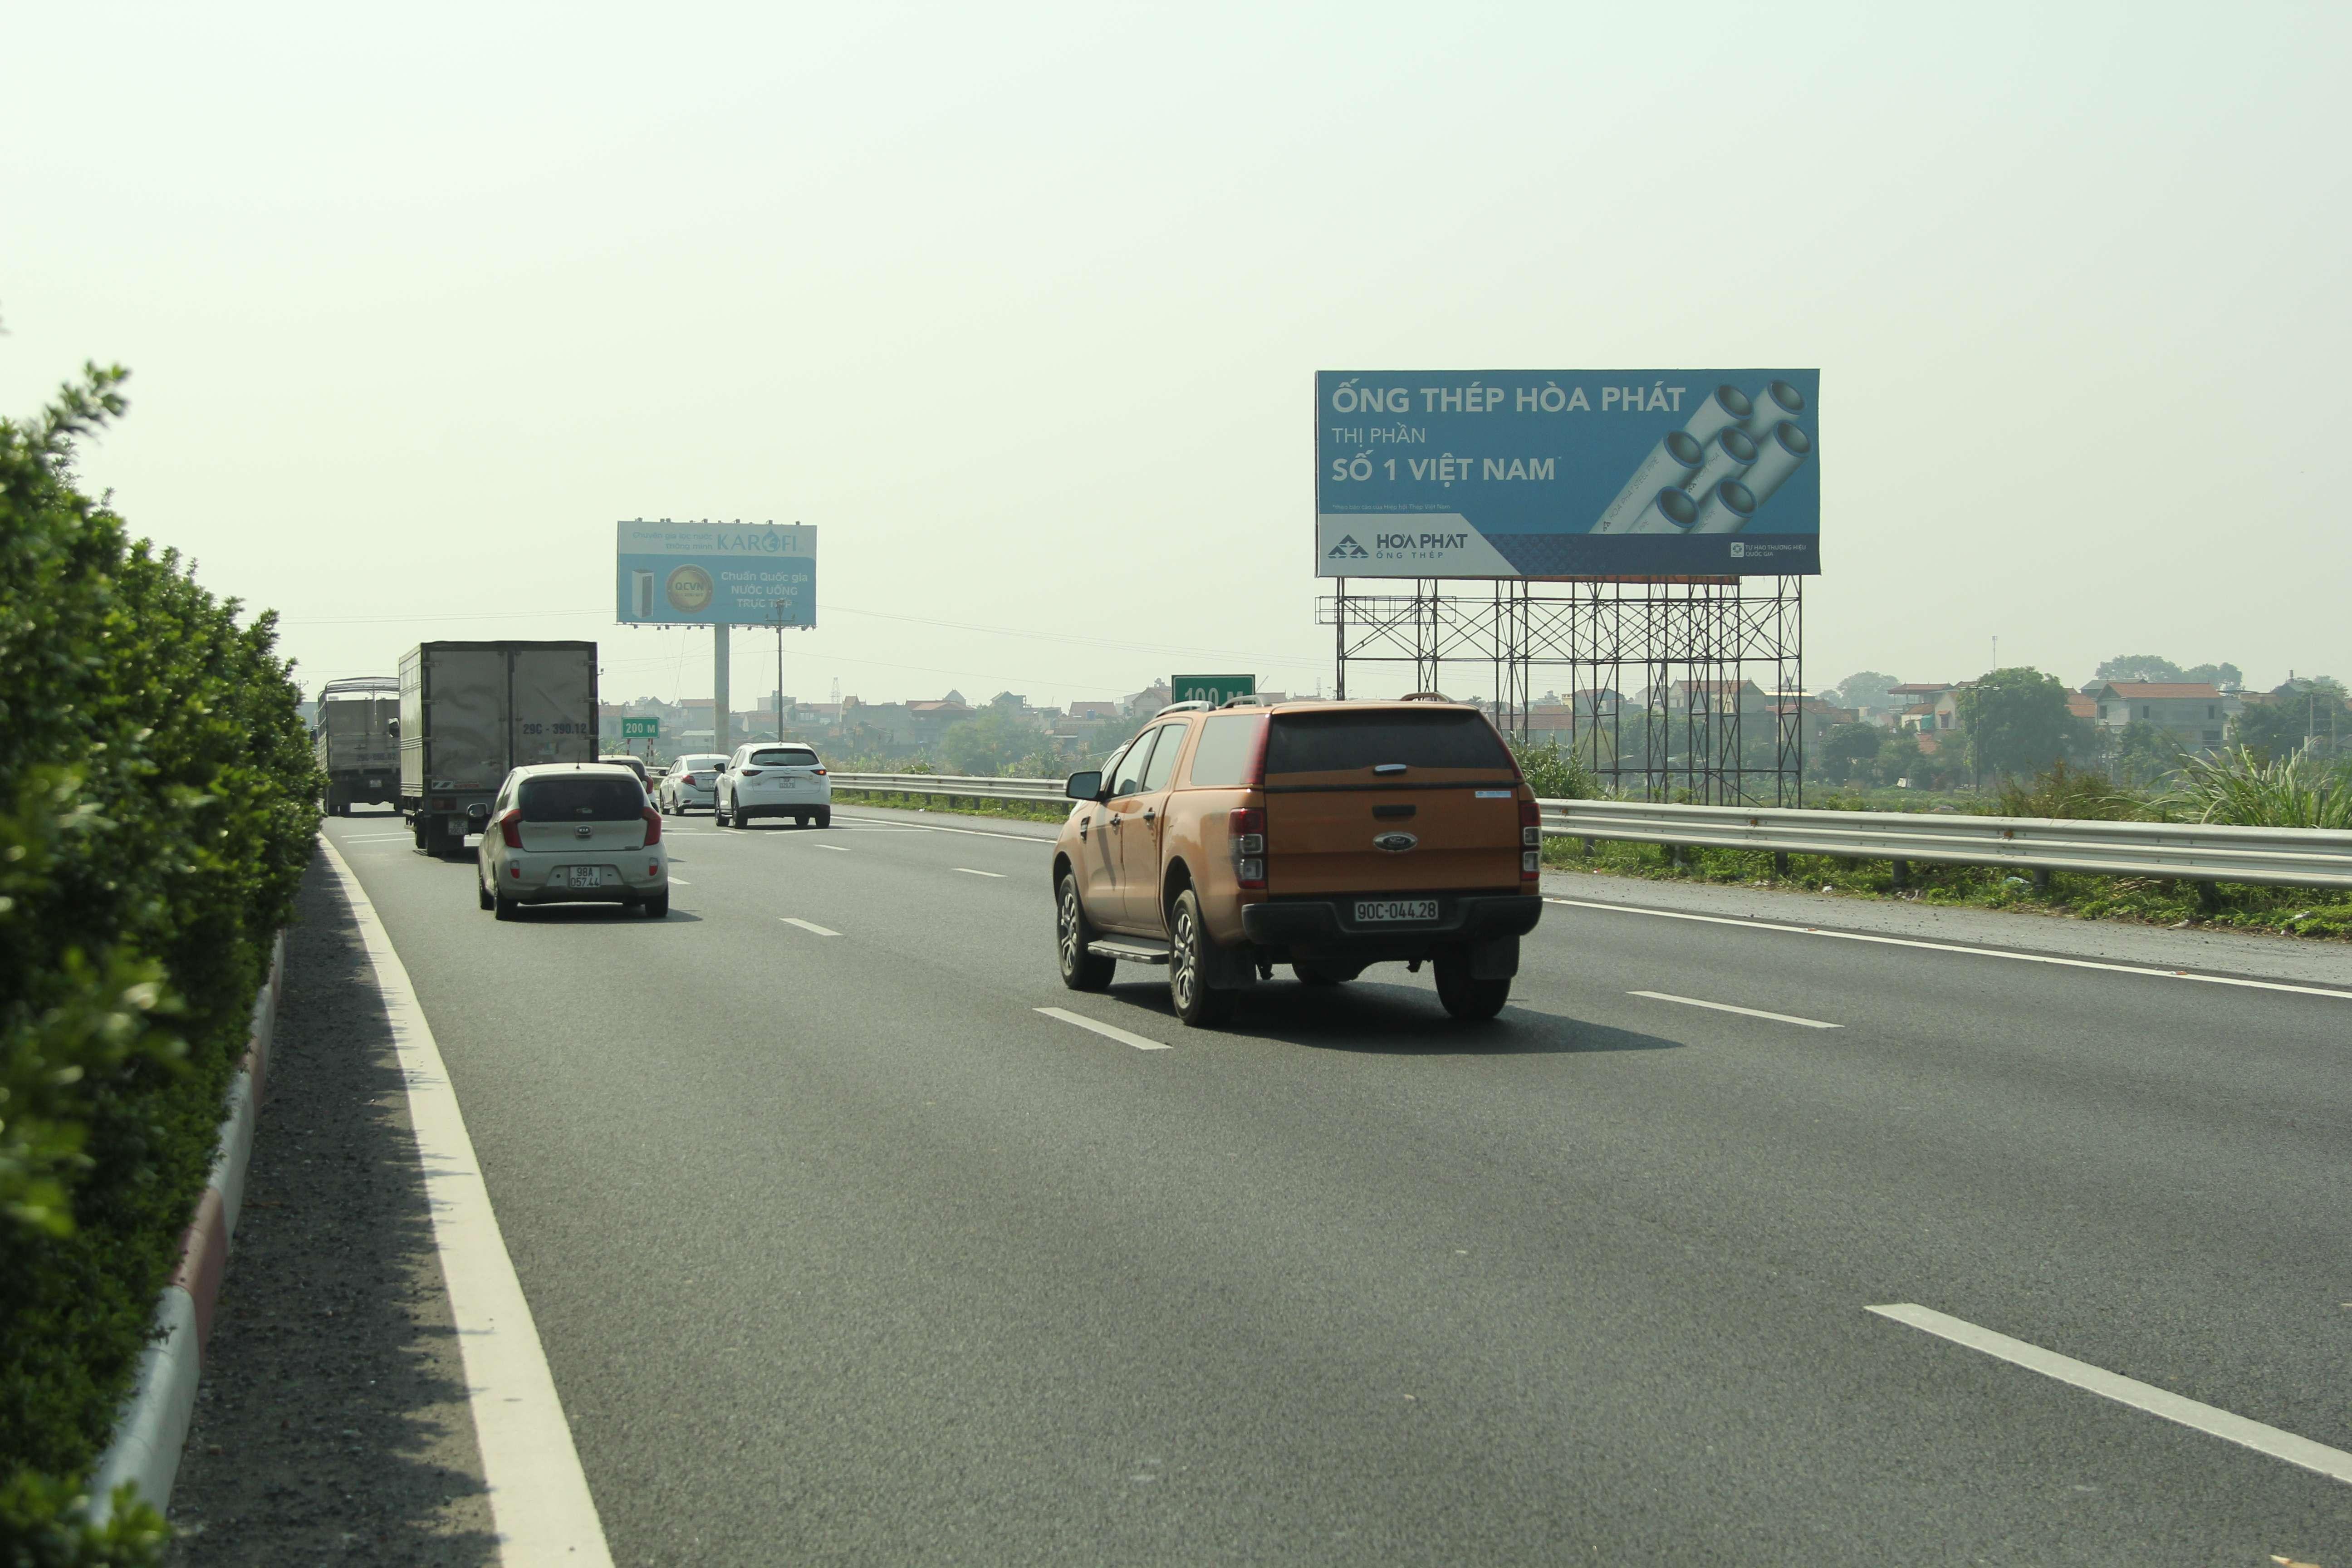 Những vị trí quảng cáo tấm lớn đắc địa nhất trục quốc lộ miền Bắc